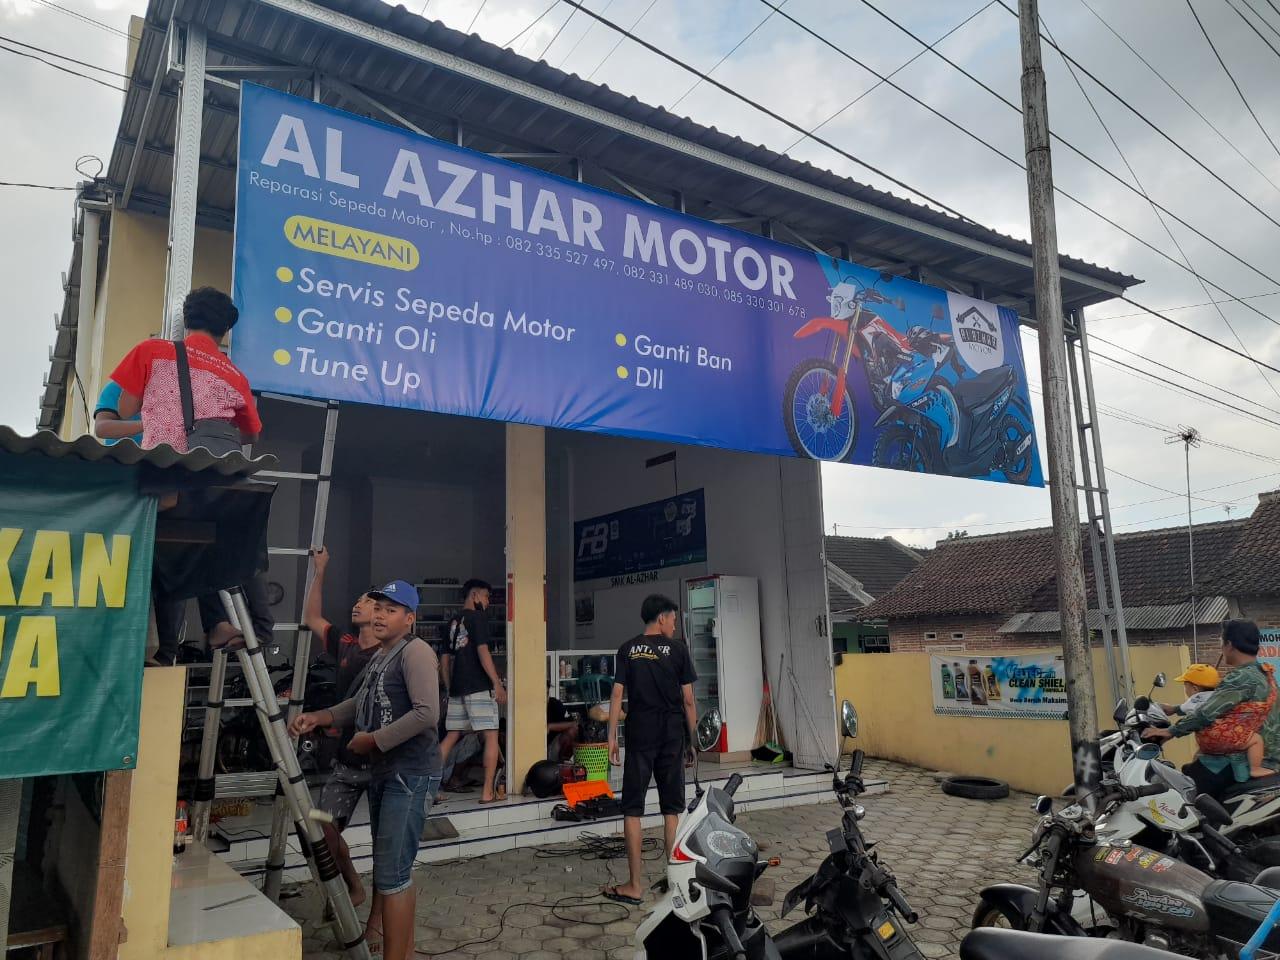 Al-Azhar  Motor